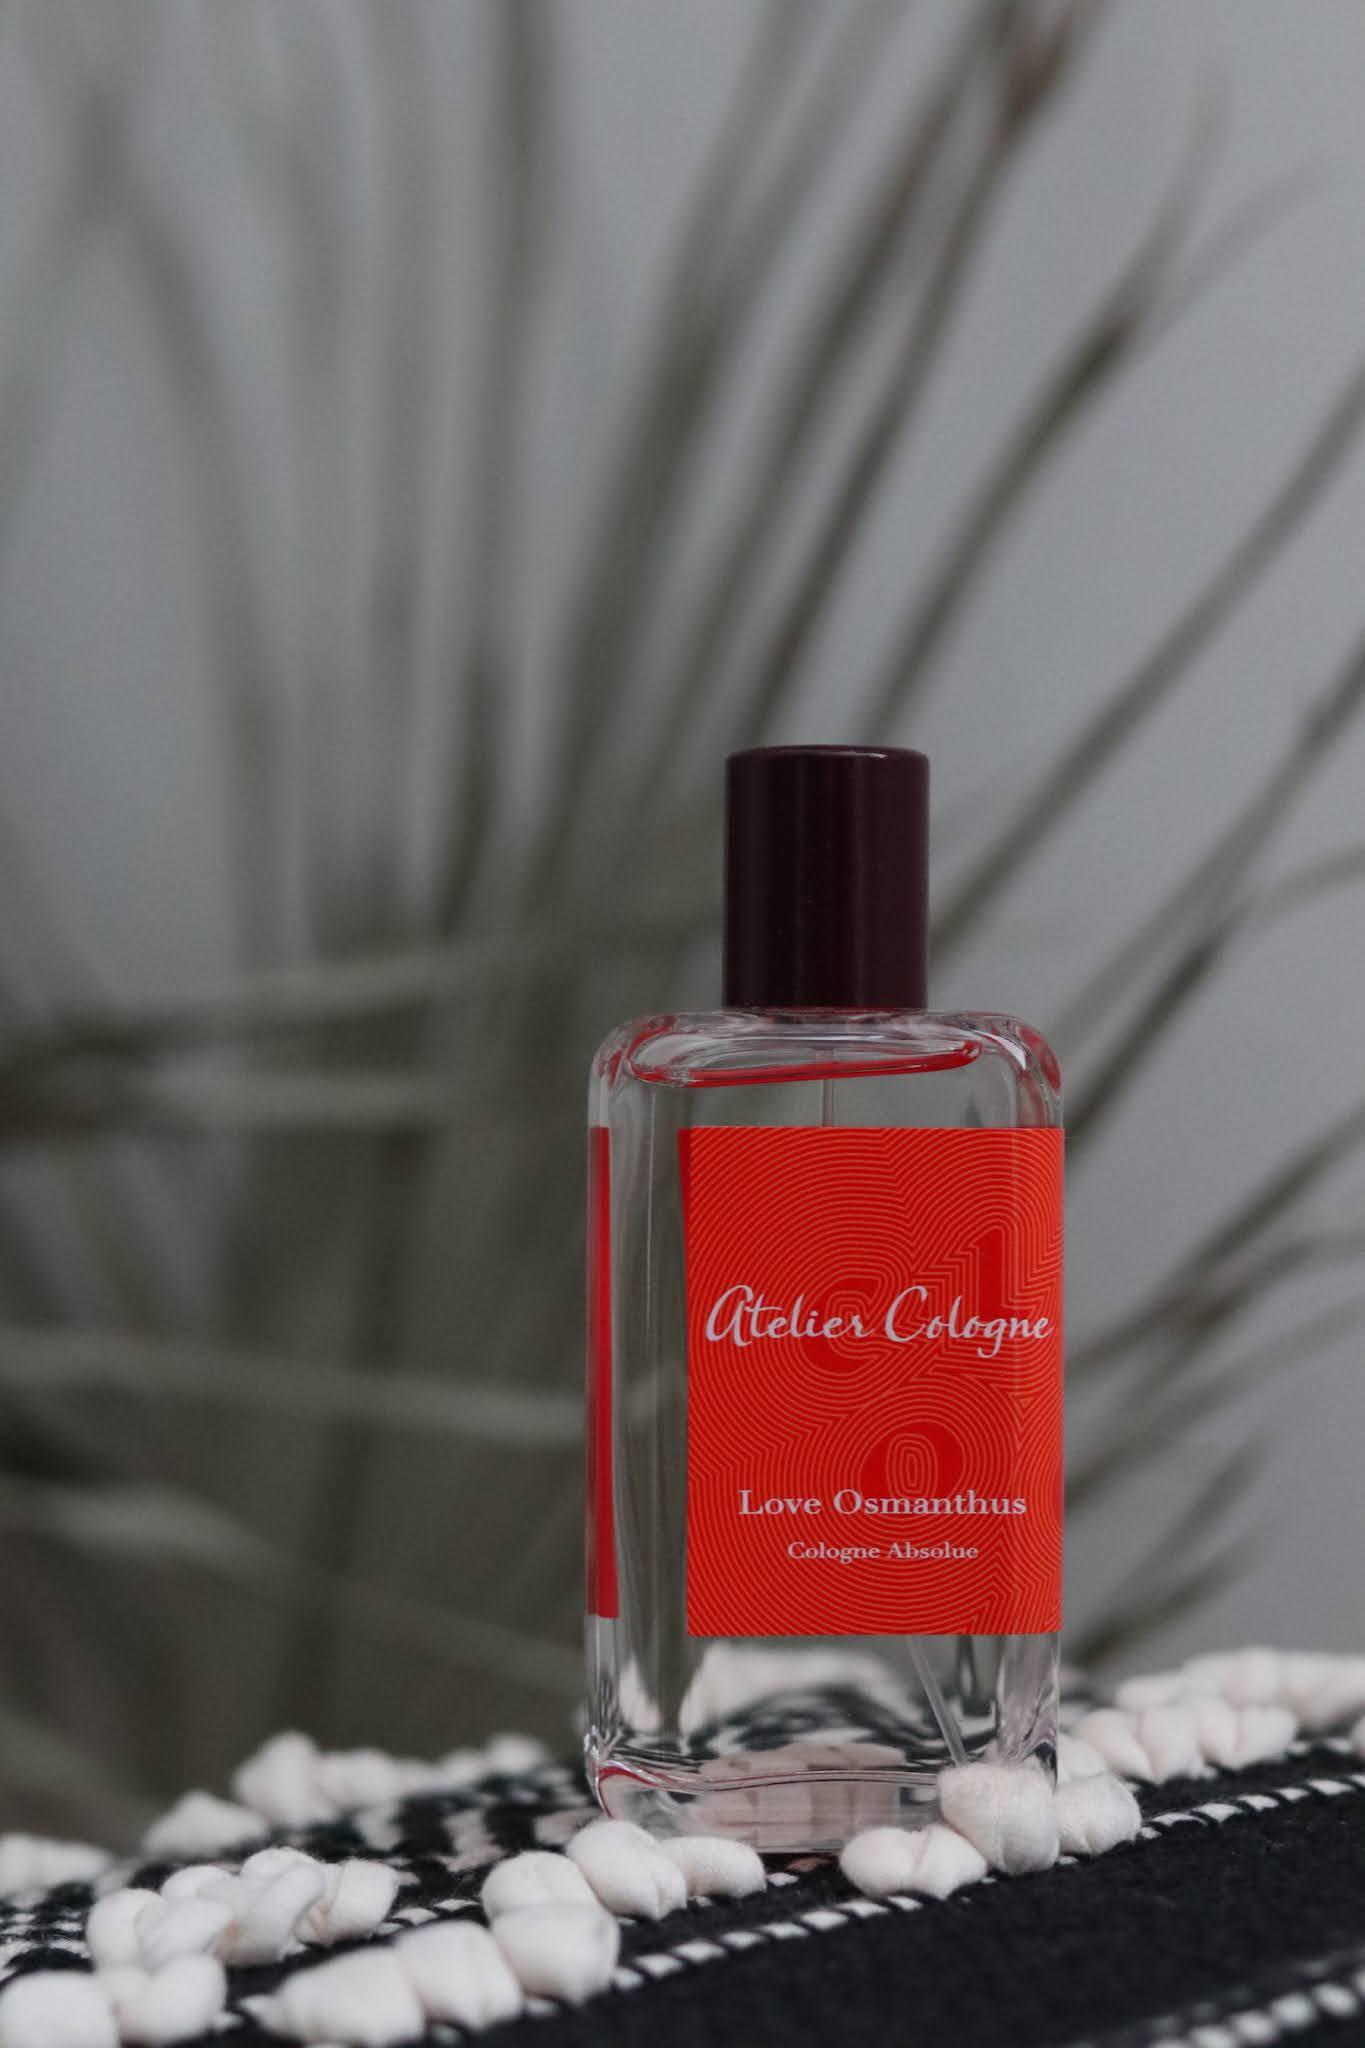 Atelier Cologne Love Osmanthus: A quick review